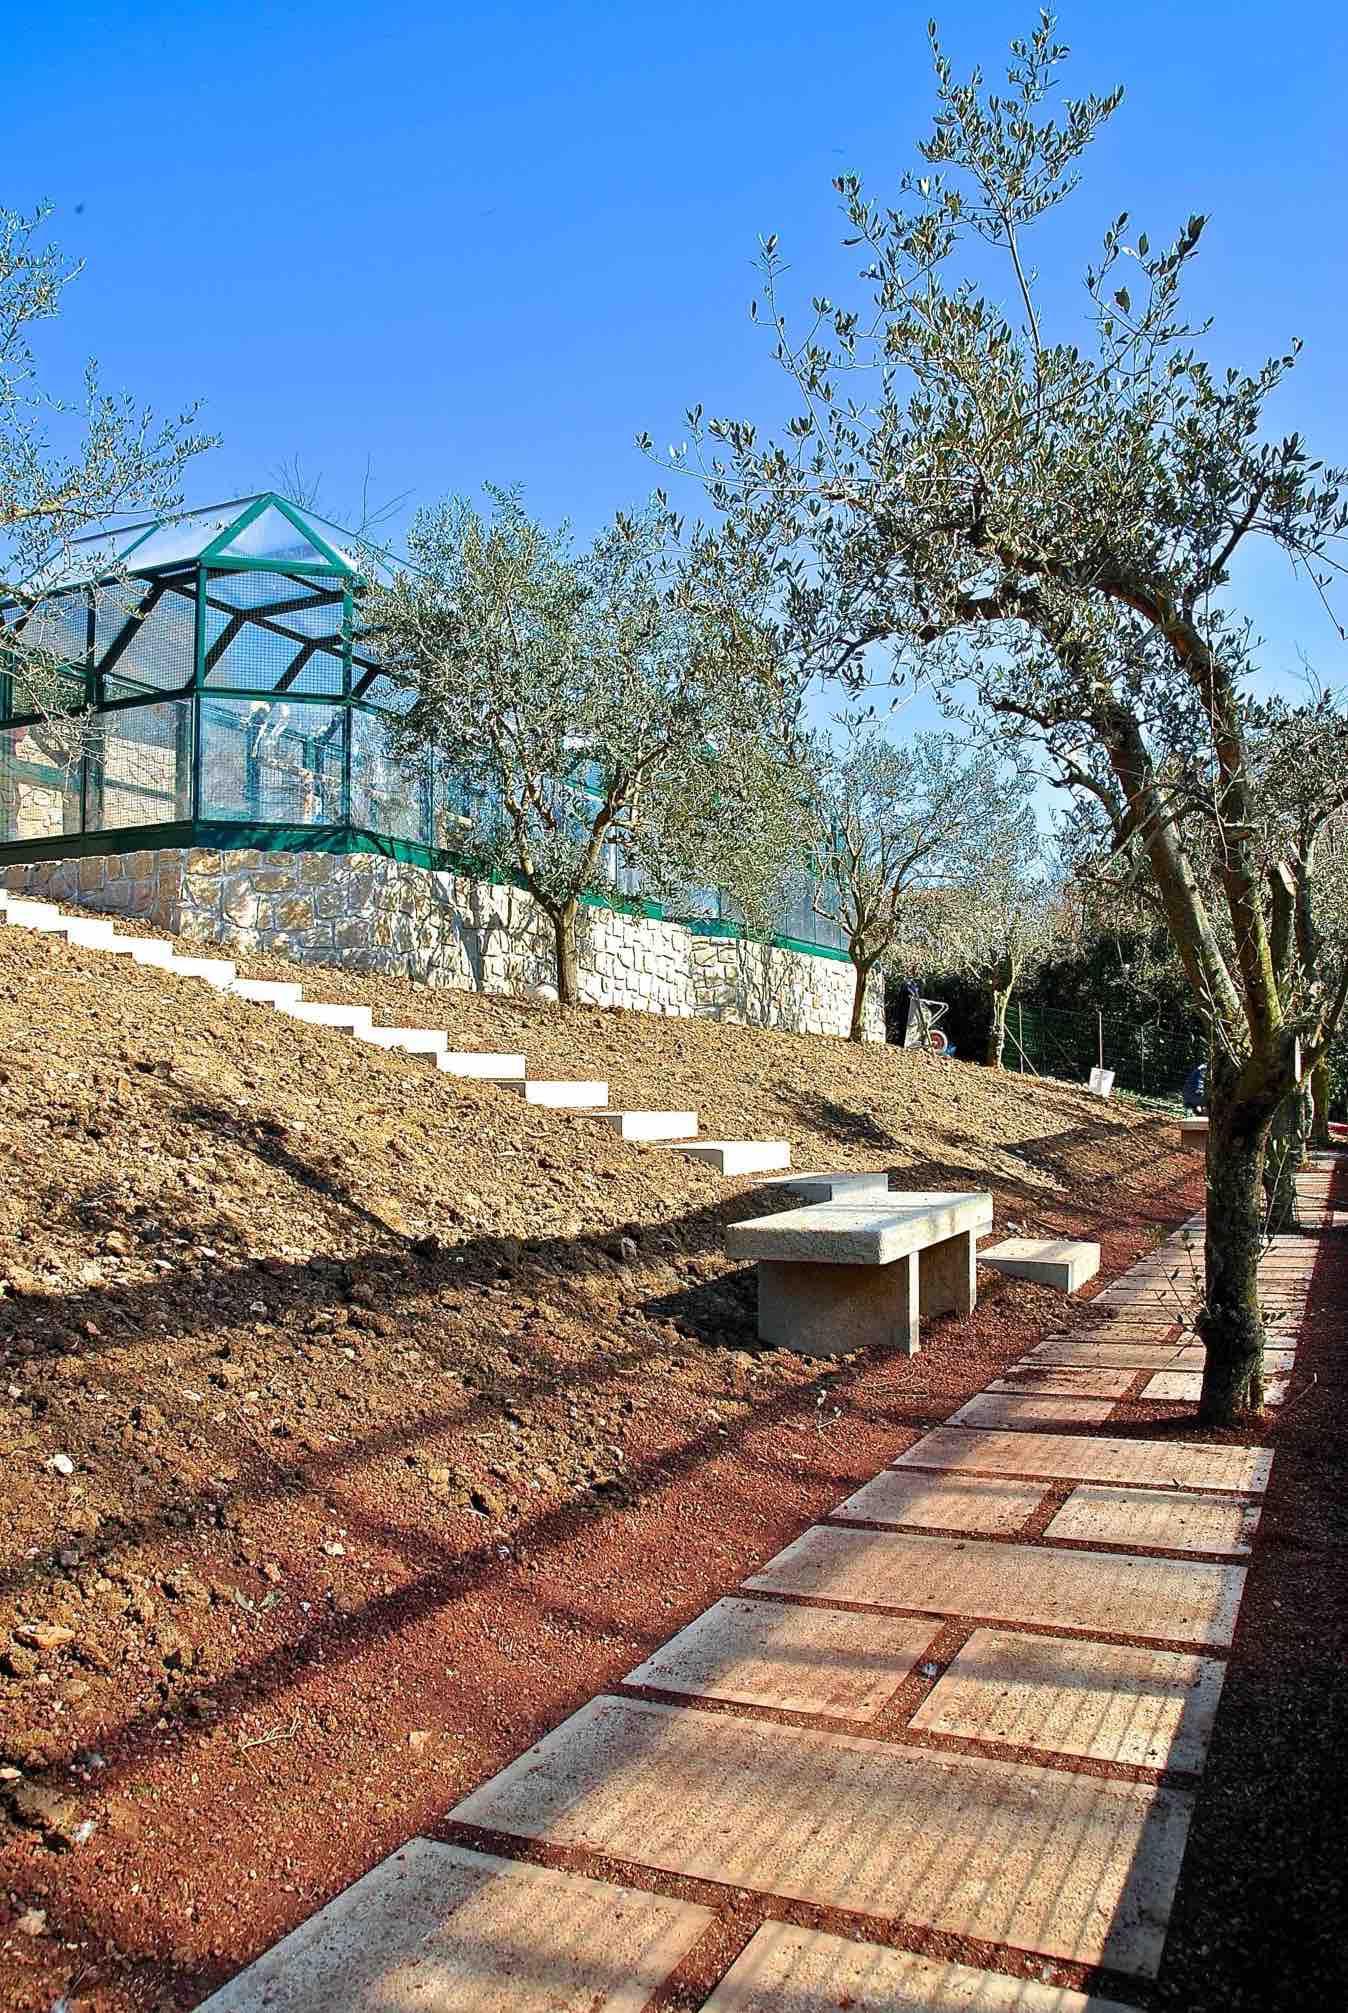 Basamenti e area esterna in pietra per zoo privato